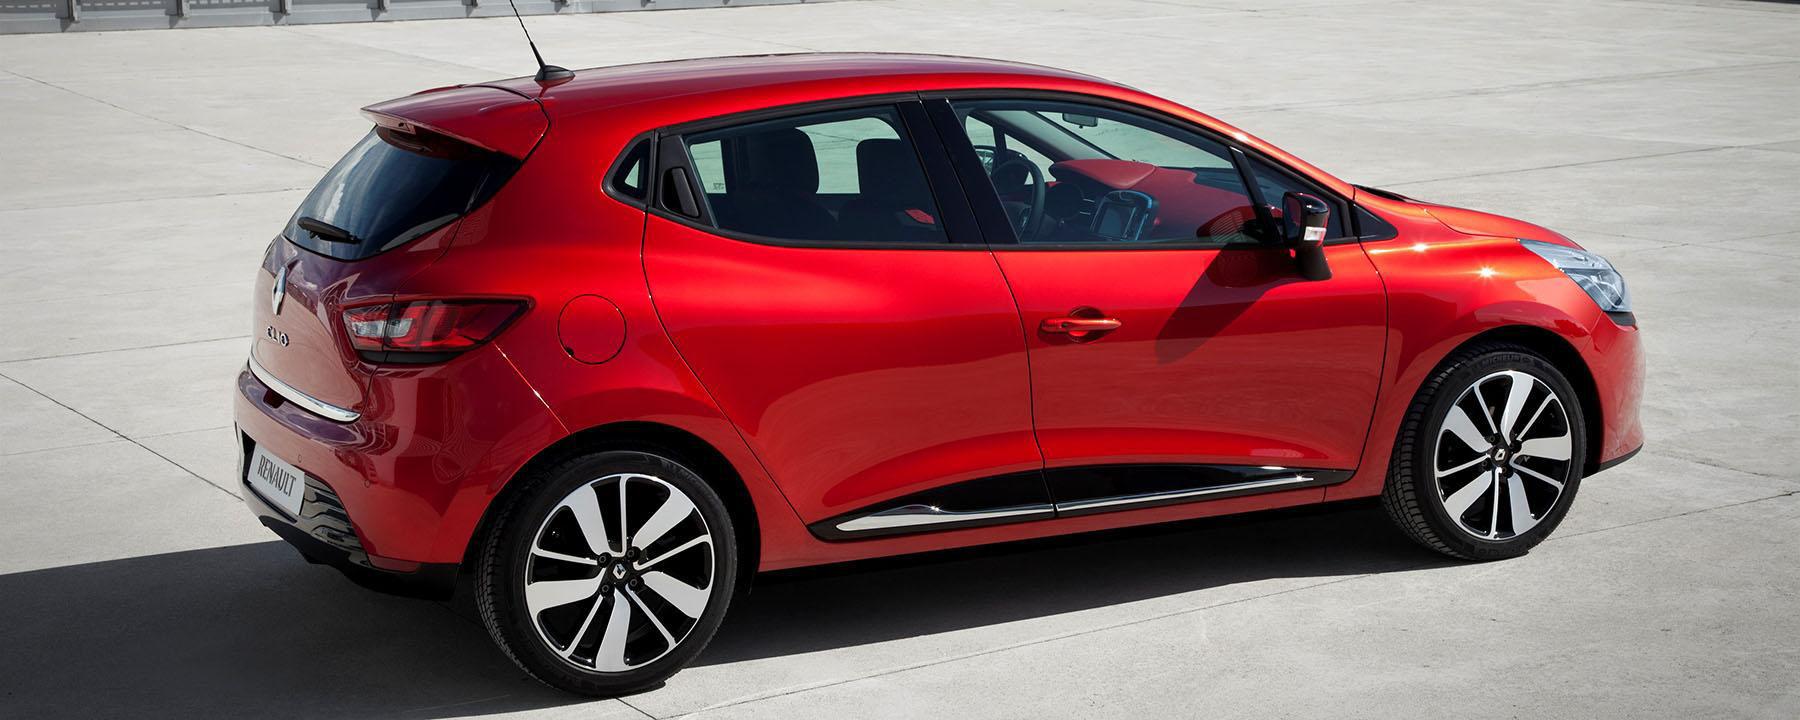 Renault kategorisi için resim